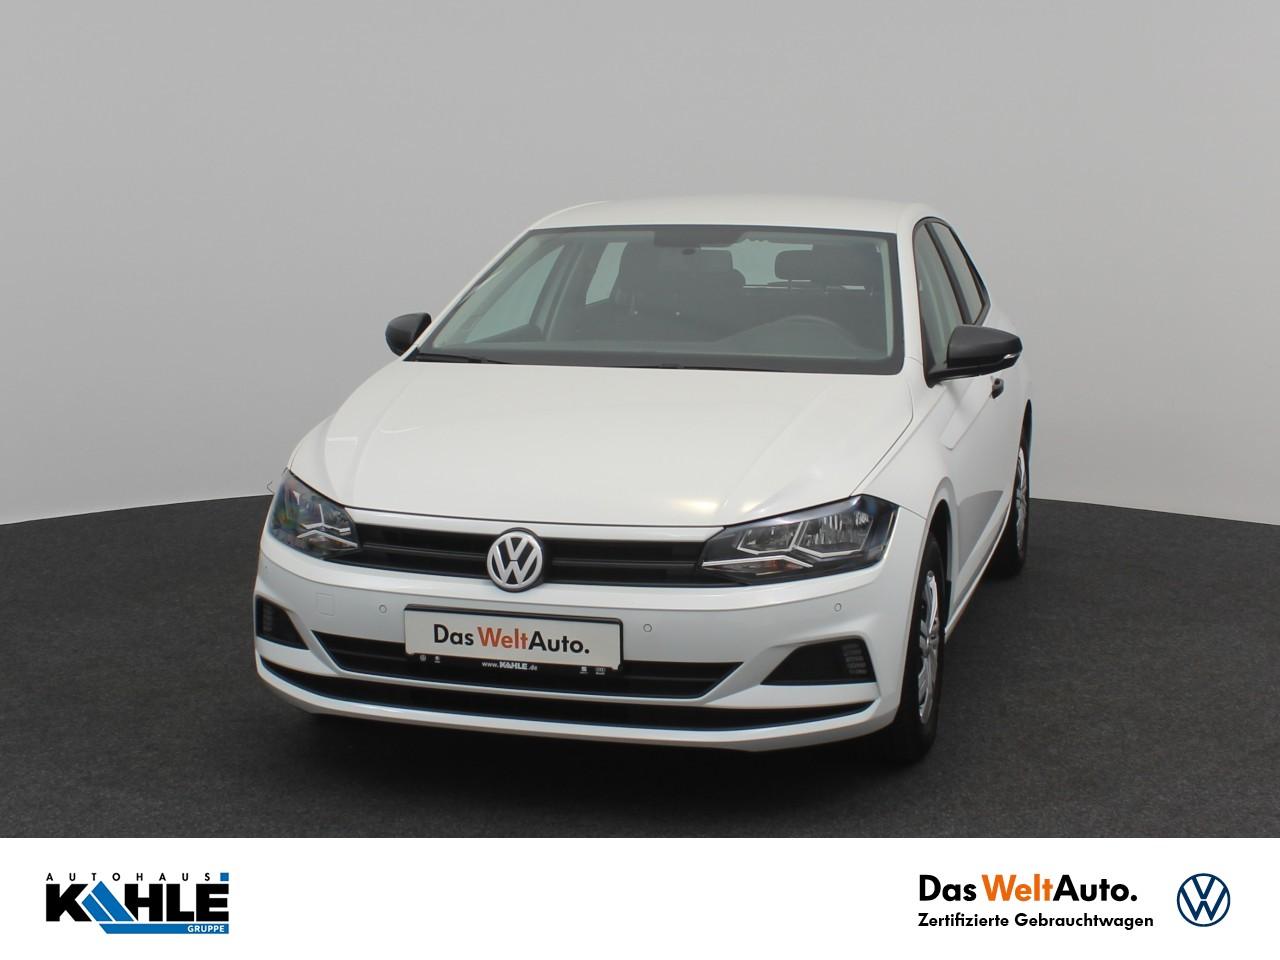 Volkswagen Polo 1.0 Trendline Klima PDC Klima Einparkhilfe, Jahr 2018, Benzin